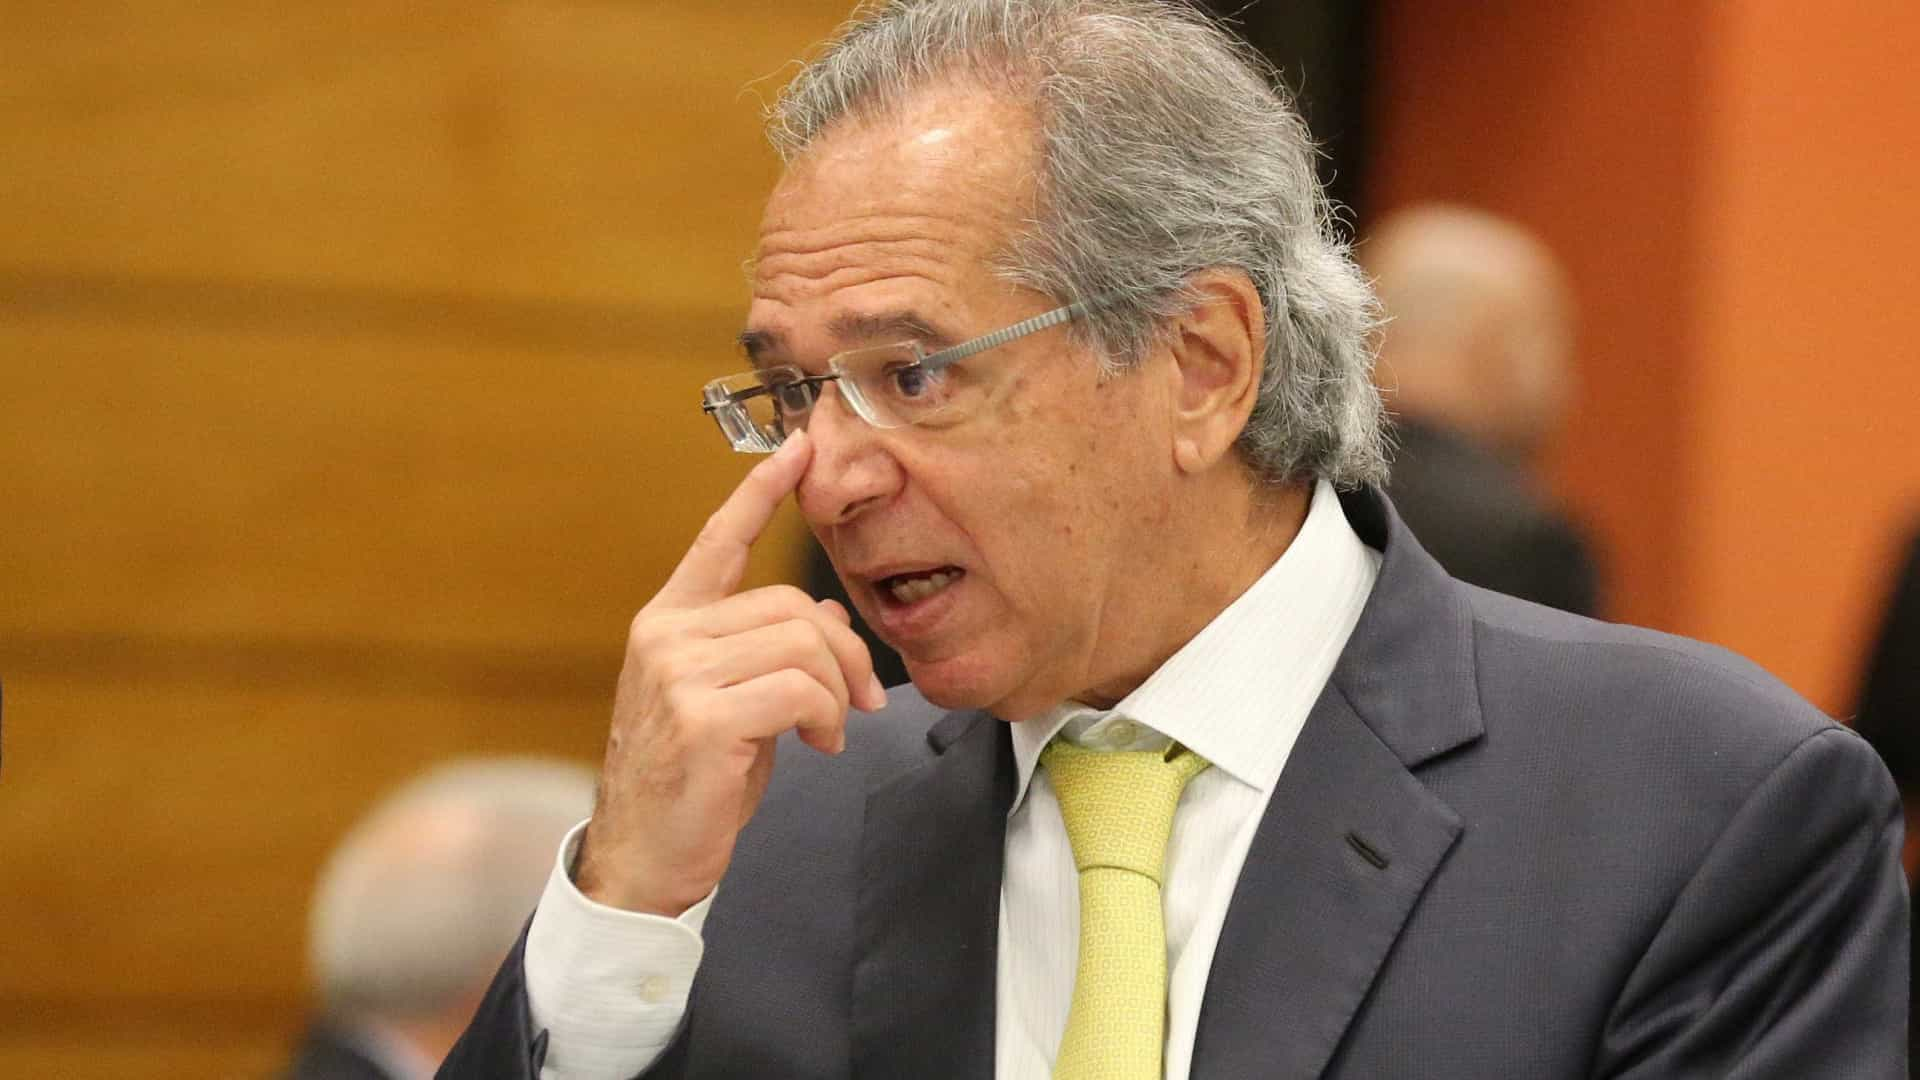 Futuro ministro diz é preciso resolver Previdência atual antes da capitalização